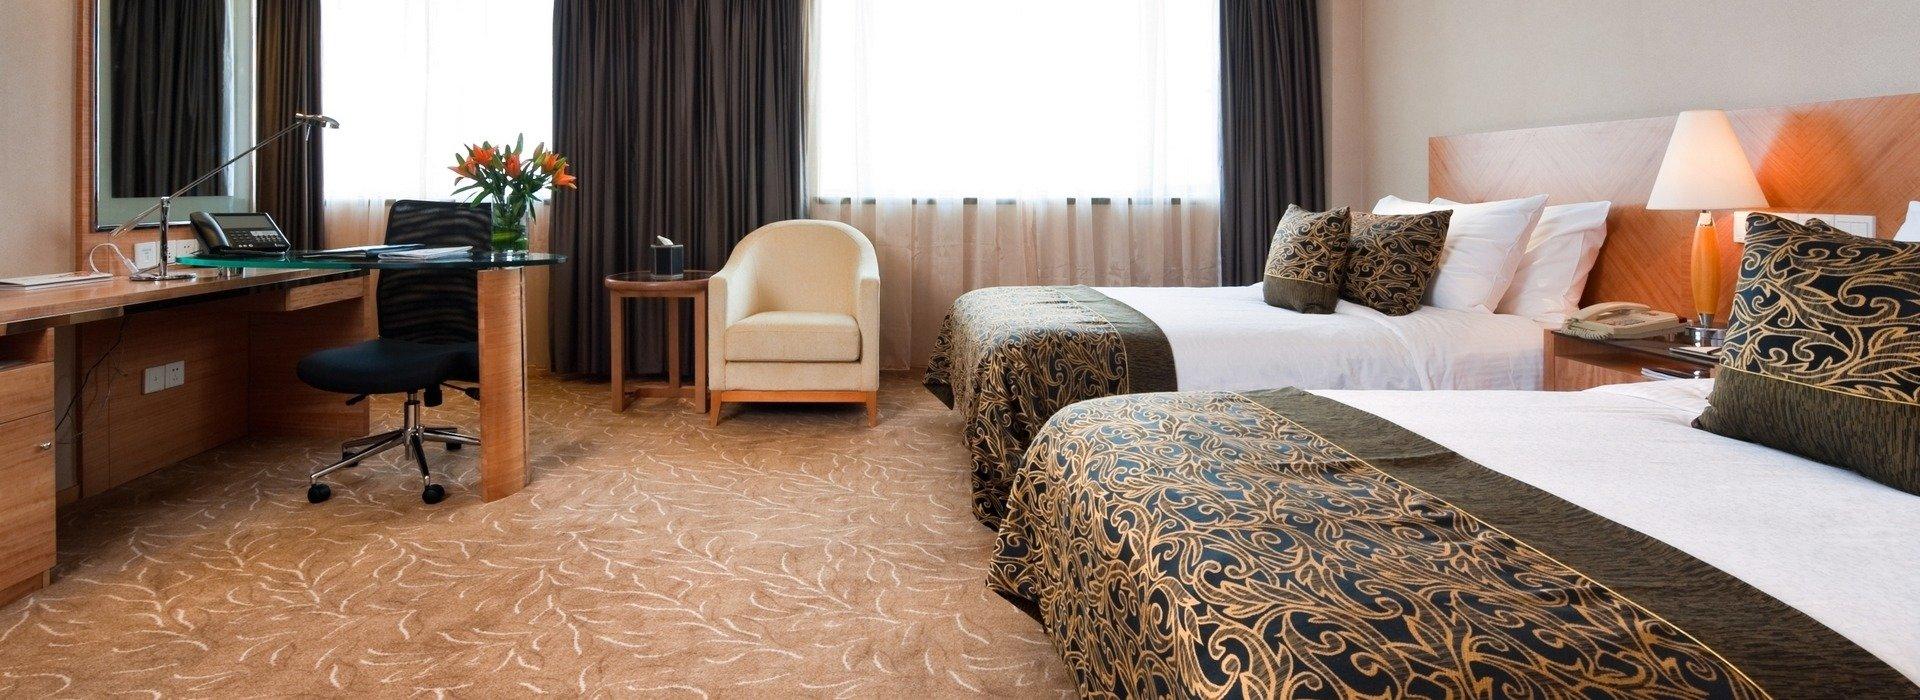 Budapesti szállodák dunai panorámával - Dunára Néző Szállodák Budapest